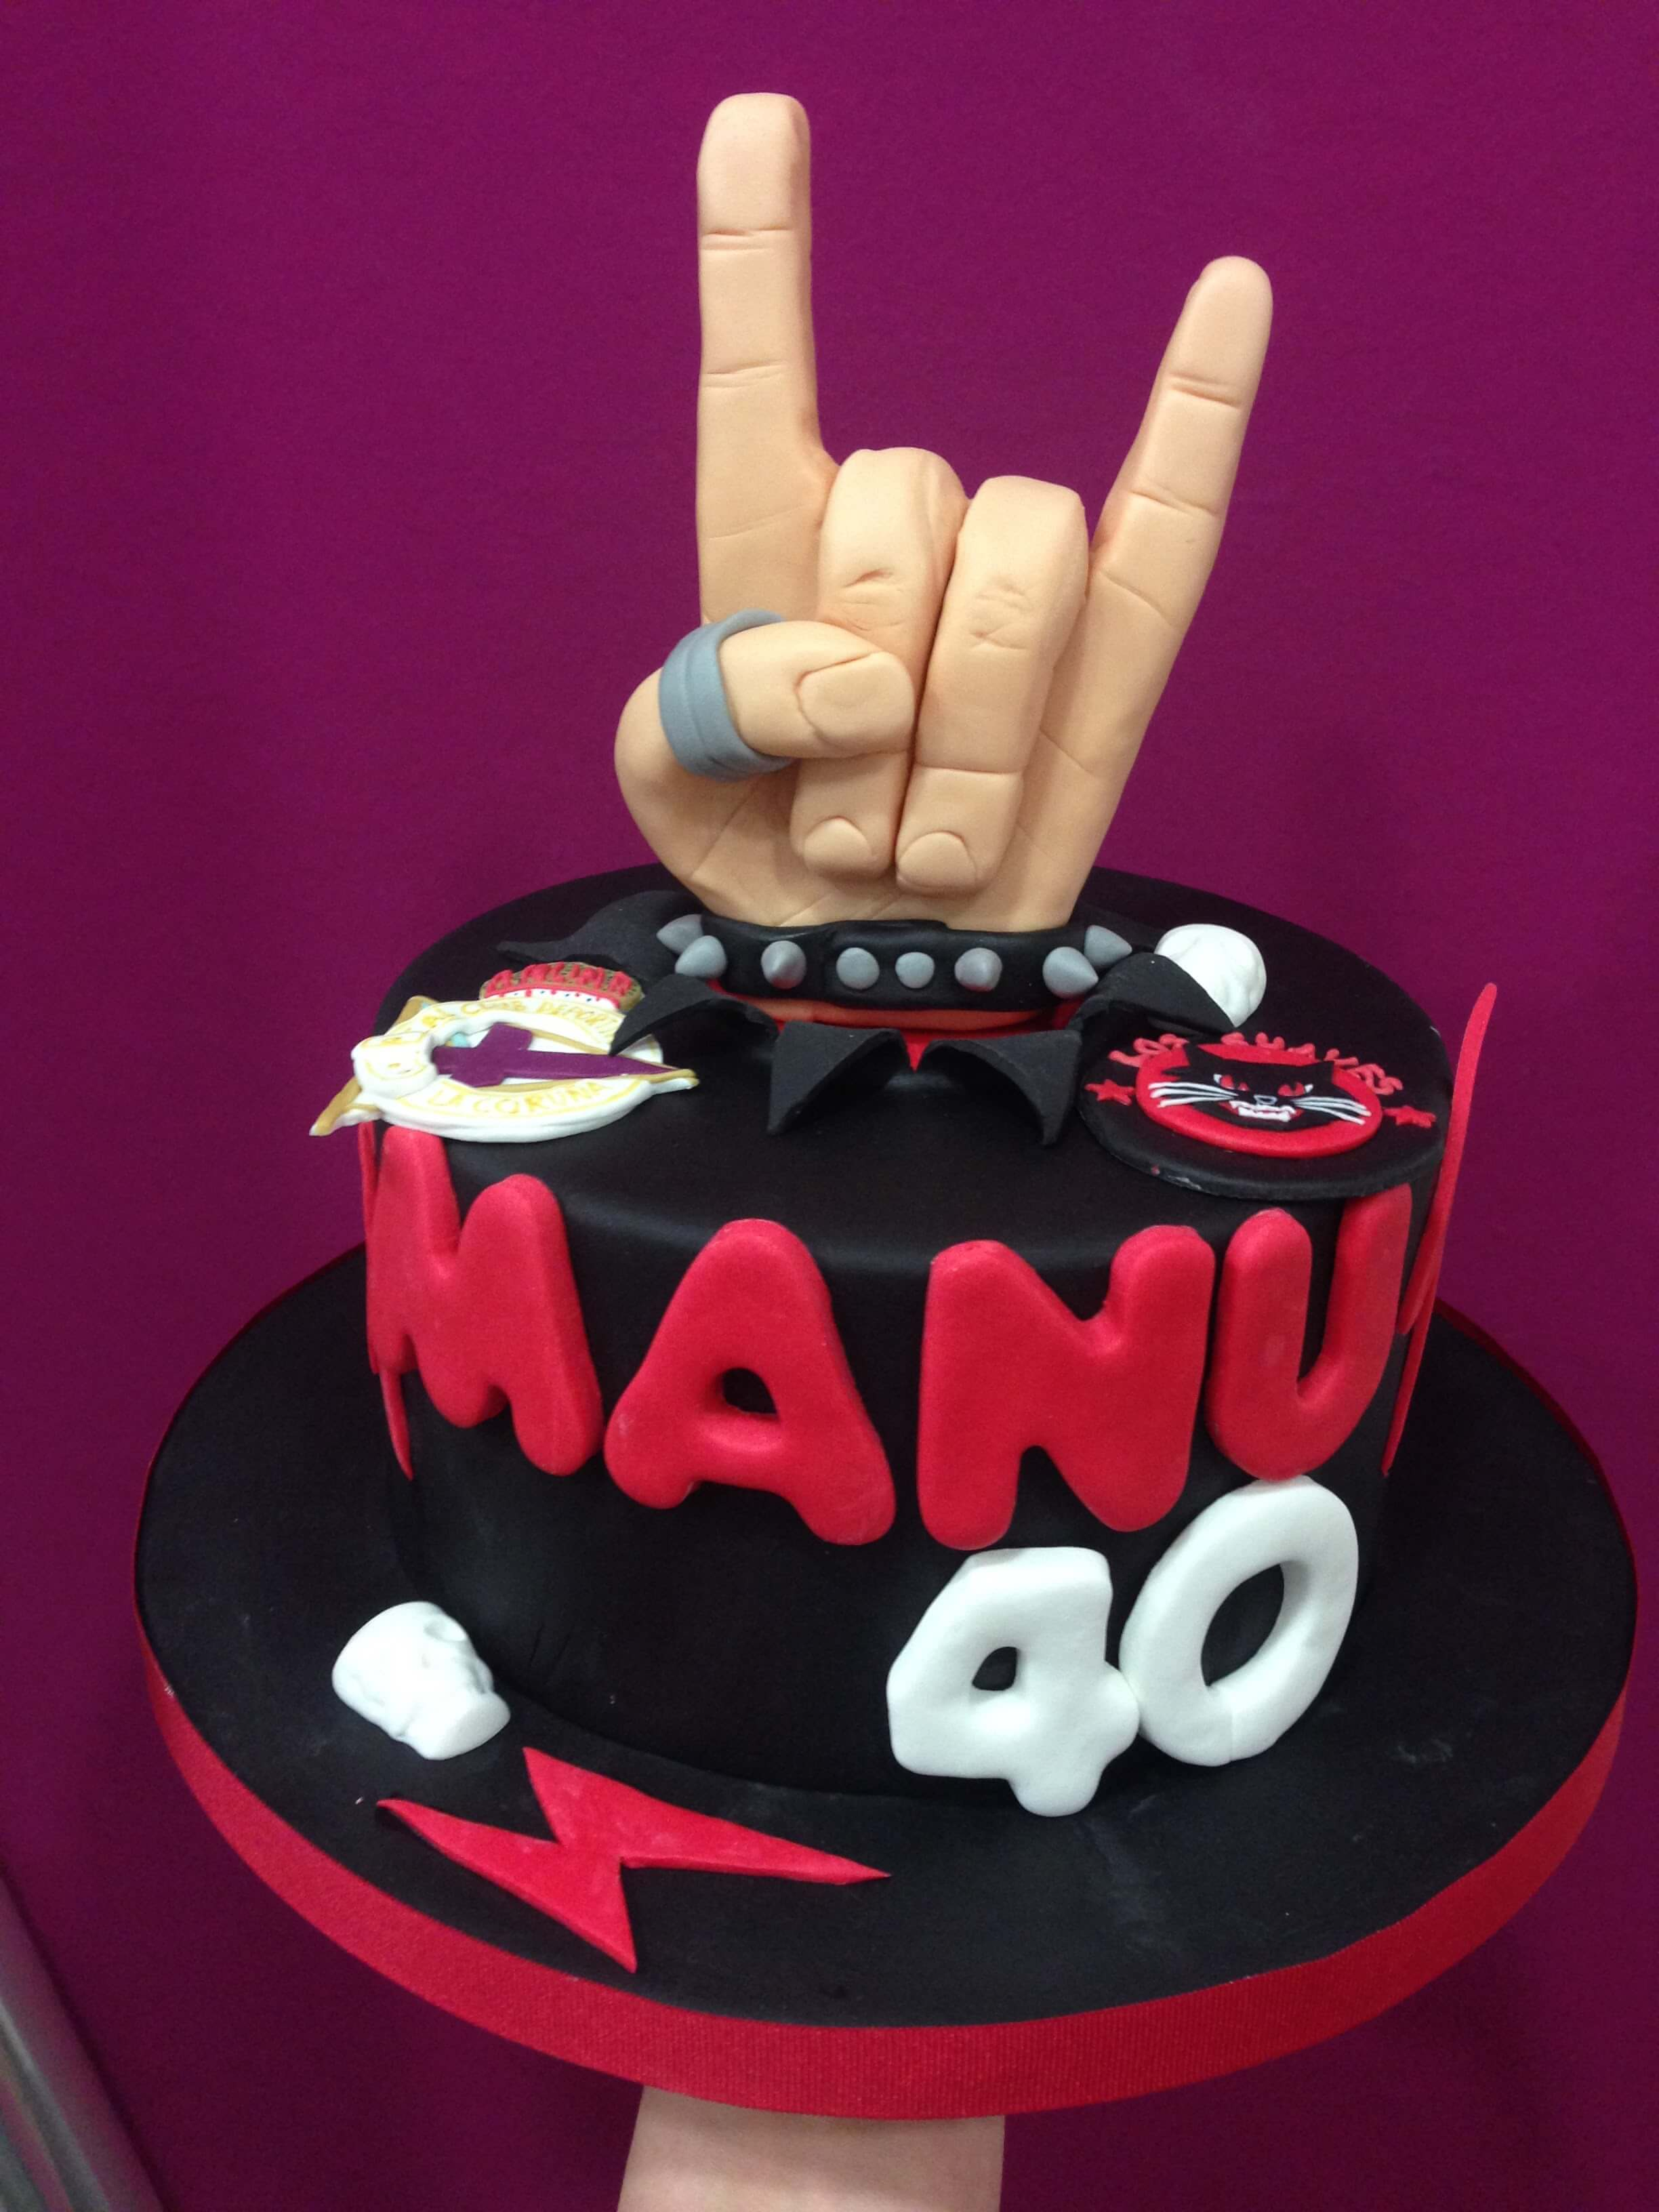 tarta personalizada cumpleaños rock ACDC depor los suaves  coruña